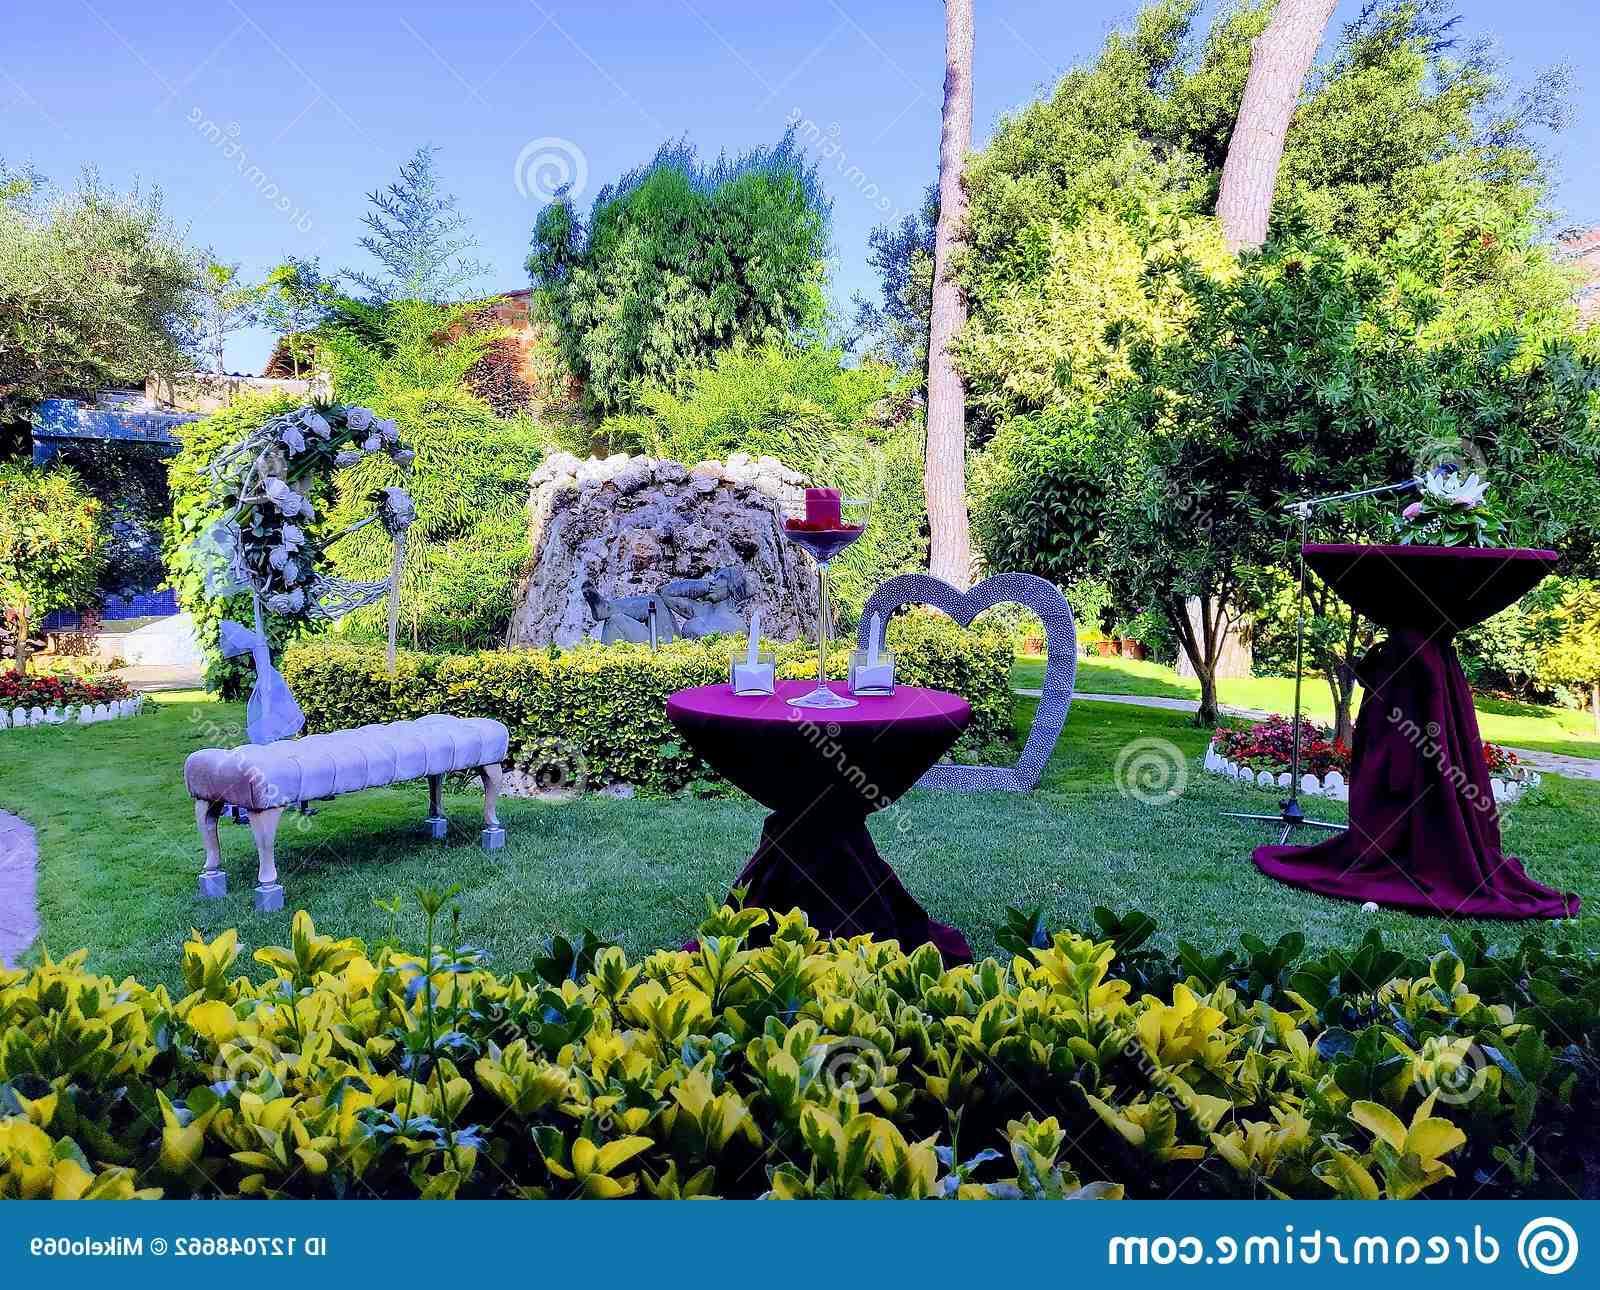 Comment faire pour avoir un beau jardin ?